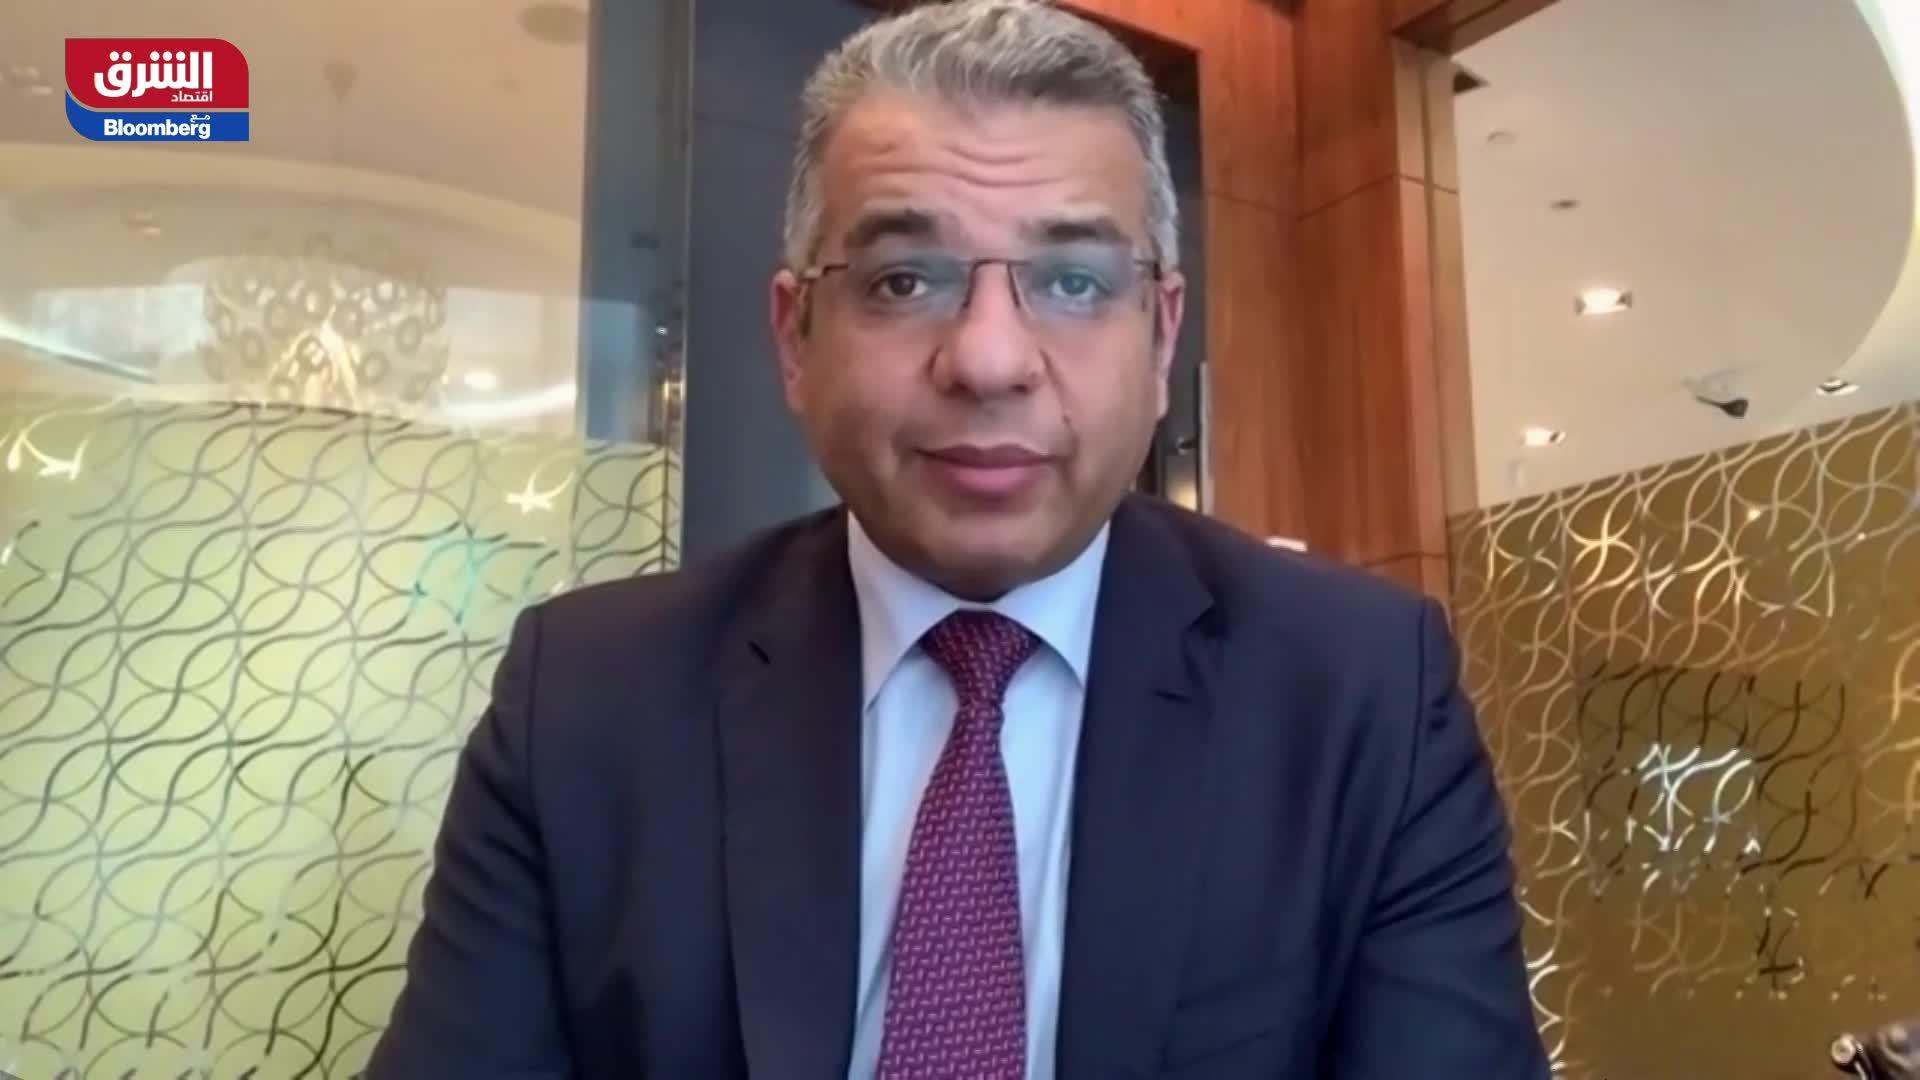 محمد عبد الباري - الرئيس المالي لمجموعة مصرف أبو ظبي الإسلامي